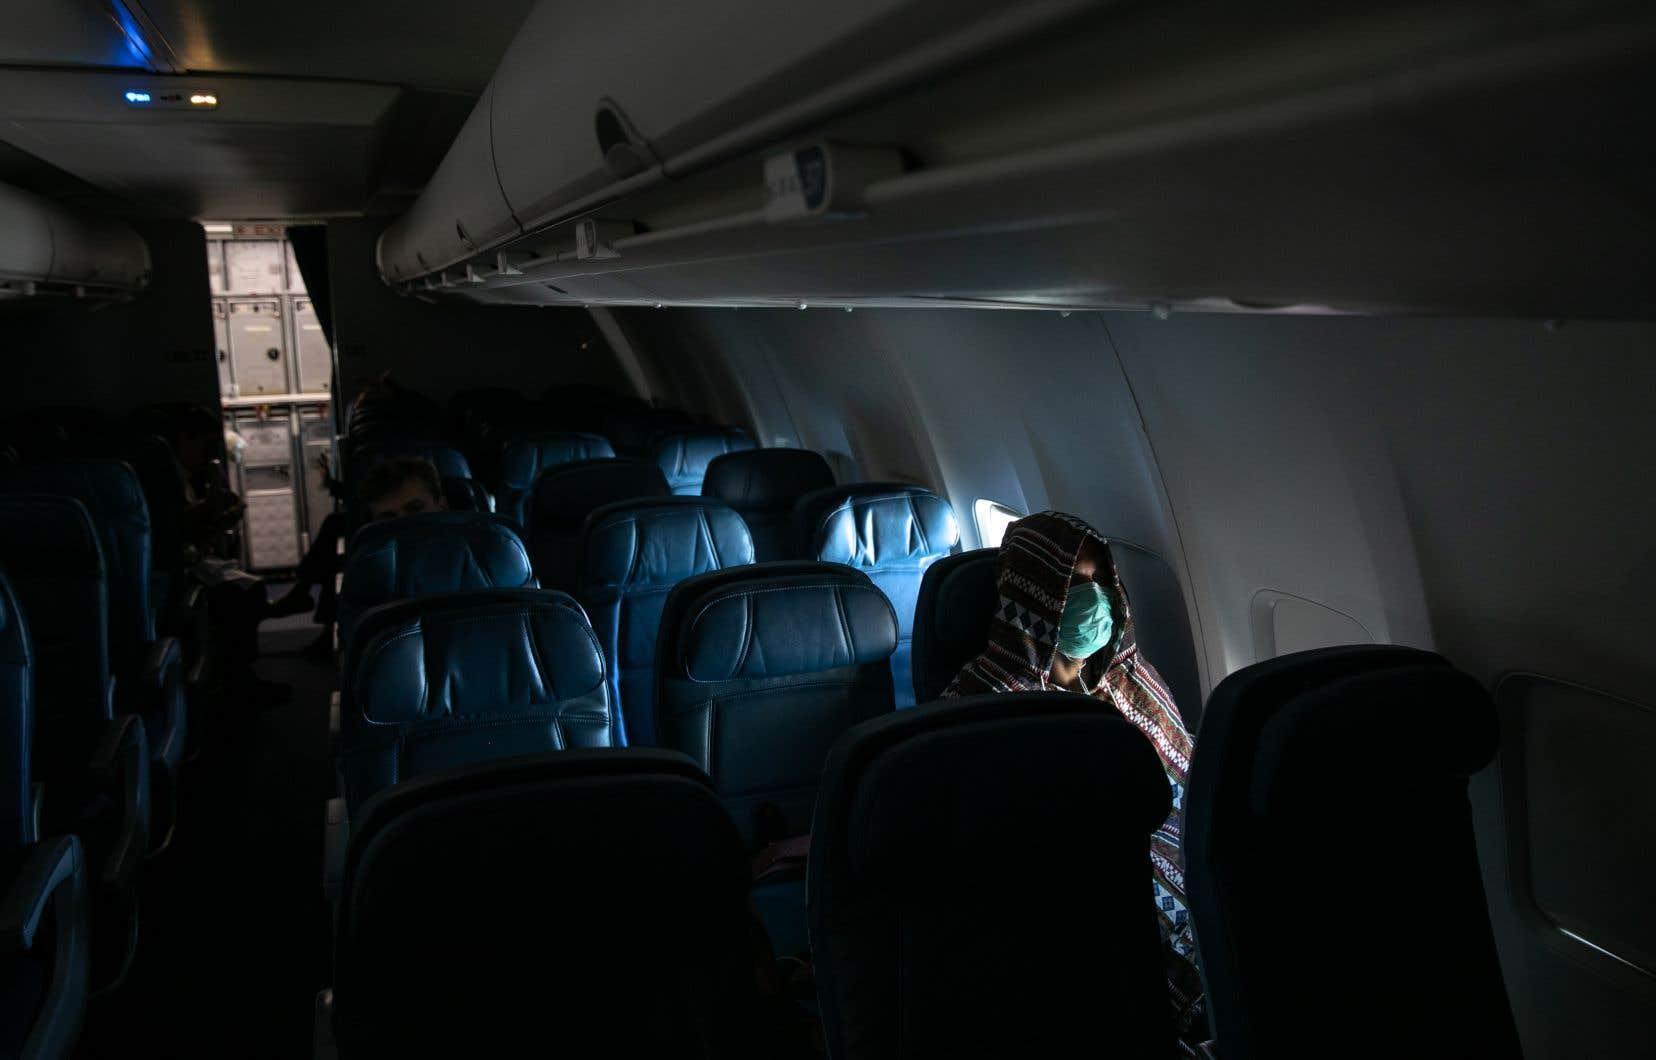 Les compagnies aériennes sont frappées de plein fouet par la pandémie qui force le remboursement de 35 milliards$US en réservations annulées.